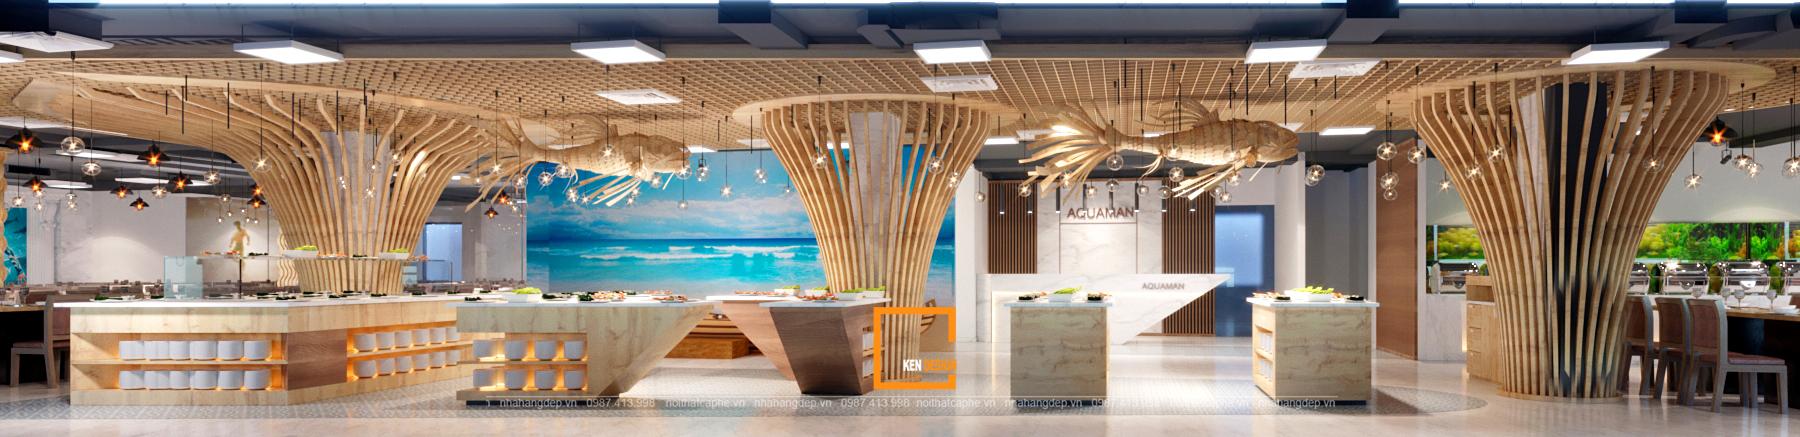 Thiết kế nhà hàng Buffet Aquanman